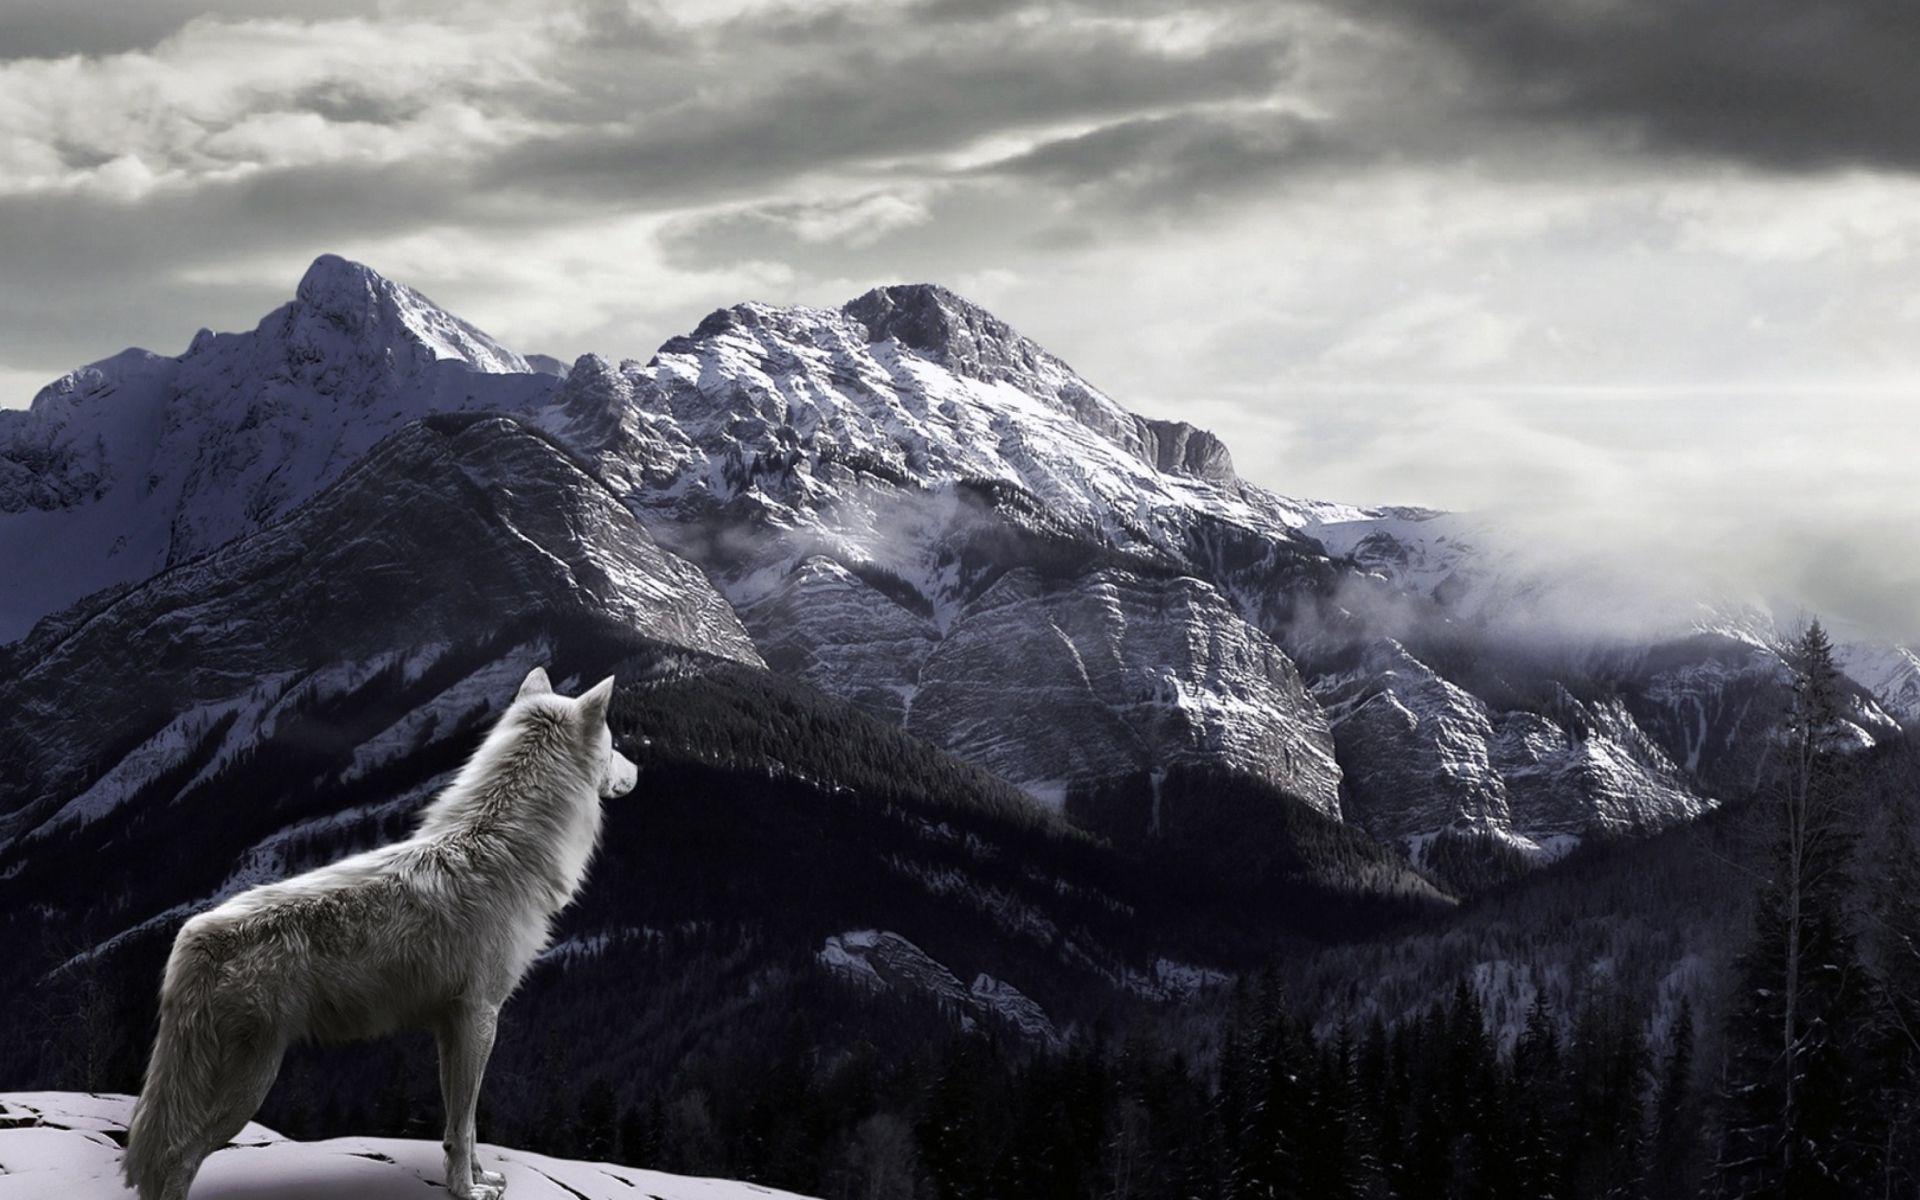 Hình nền con sói trắng 1920x1200, Hình nền độ phân giải cao 37 con sói trắng